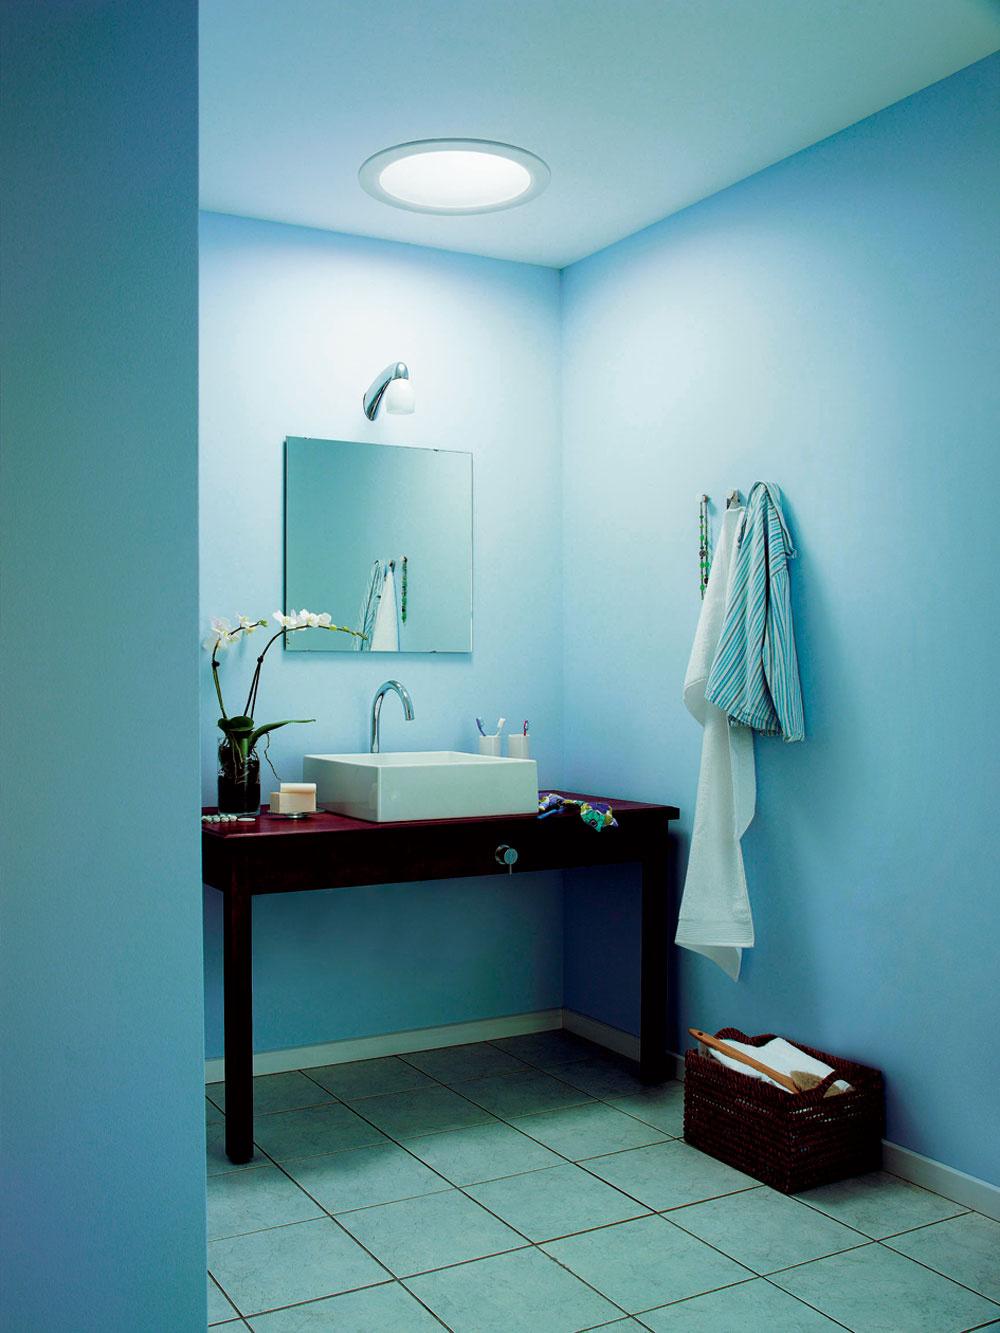 Názorná ukážka toho, čo dokáže denné svetlo privedené svetlovodom. Vľavo kúpeľňa sumelým osvetlením nad zrkadlom. Vpravo rovnaká miestnosť vybavená svetlovodom.